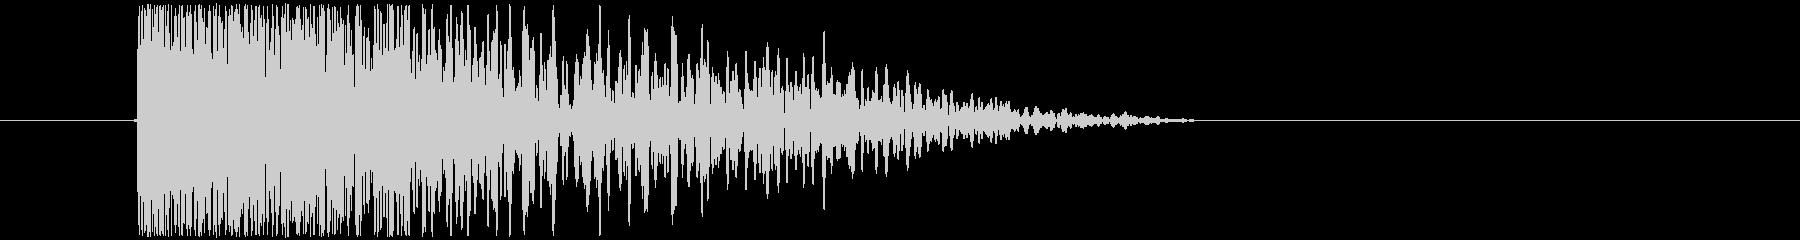 低音のインパクトですの未再生の波形